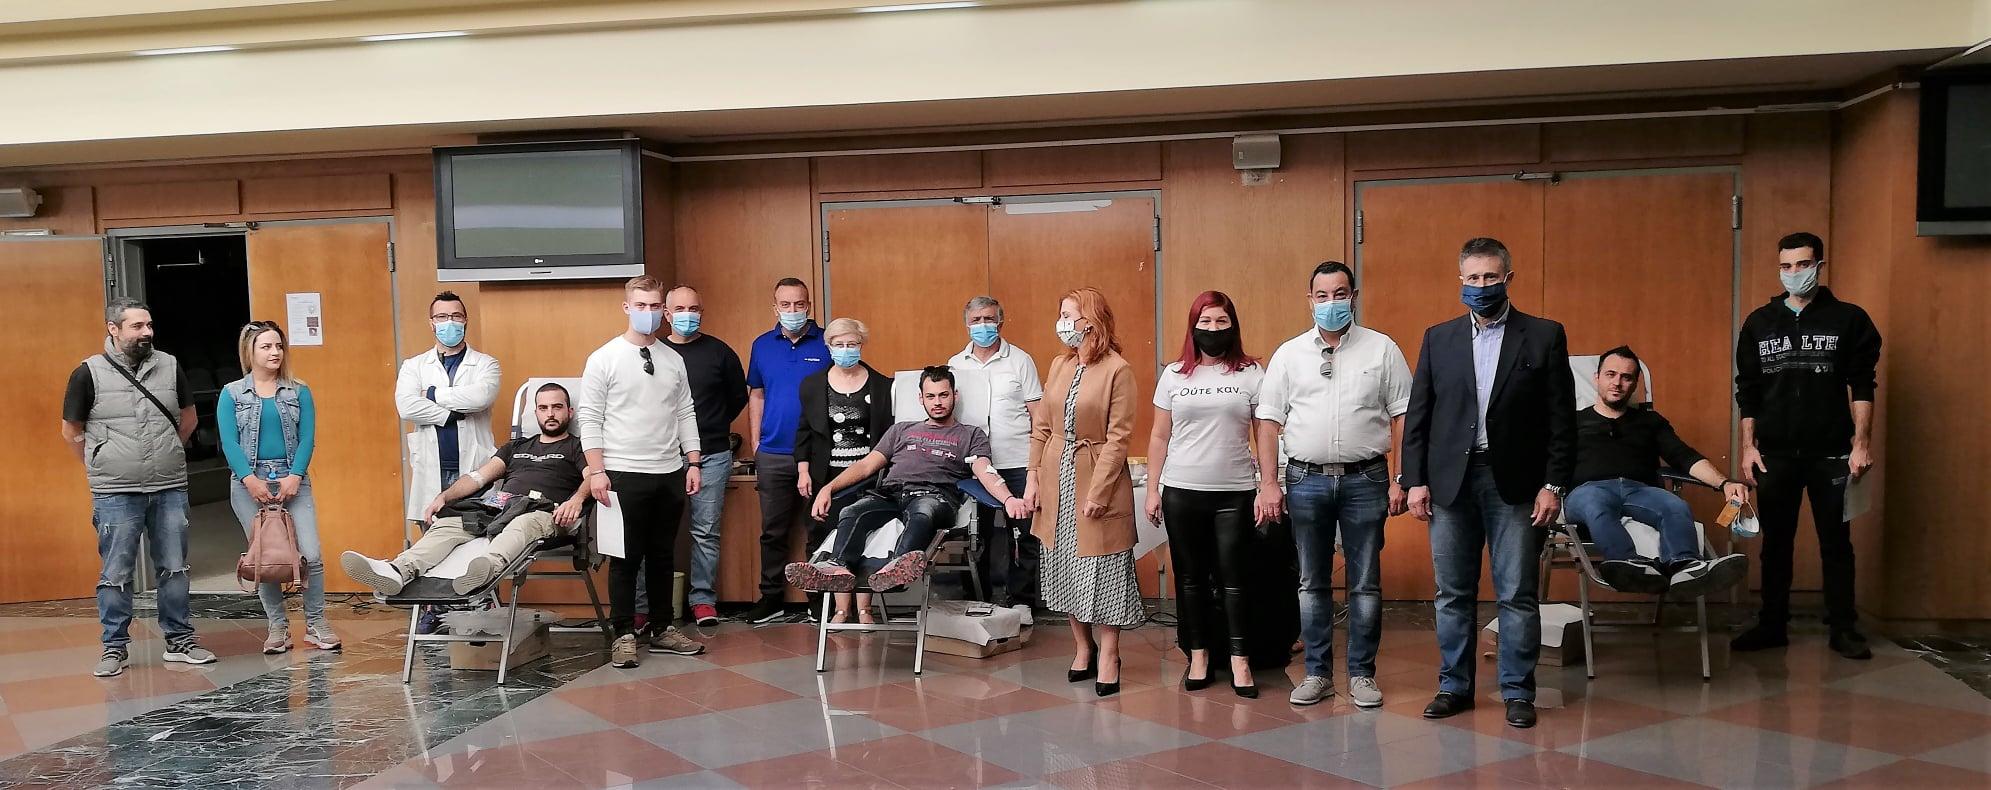 Πύργος: Με επιτυχία και πολλές μονάδες αίματος η Εθελοντική Αιμοδοσία της Τράπεζας Αίματος του 6ου Δημοτικού Σχολείου